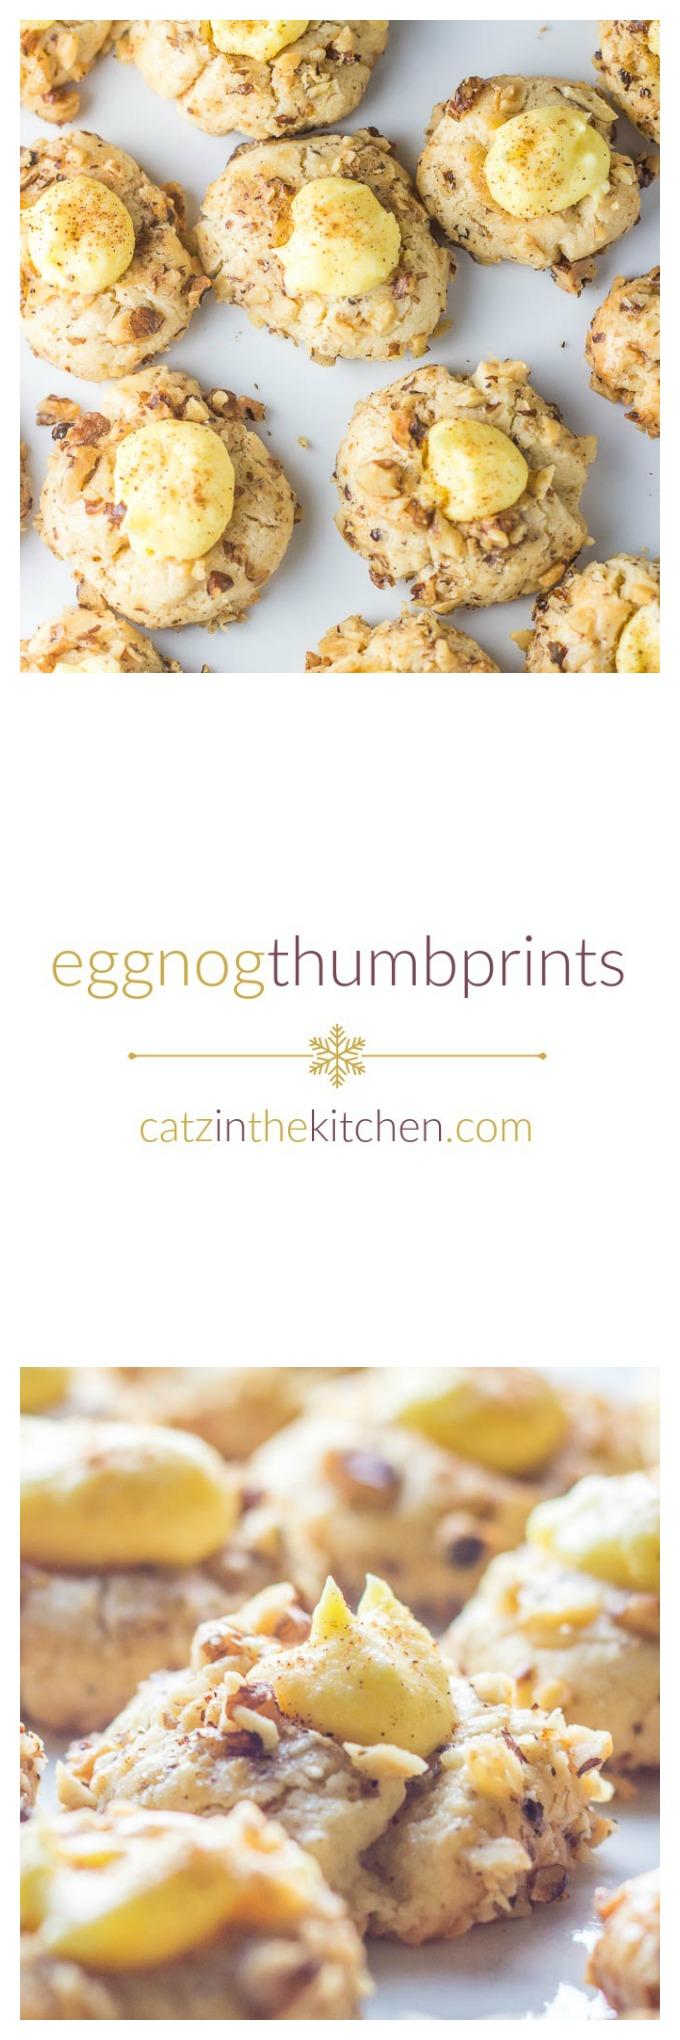 Eggnog Thumbprints | Catz in the Kitchen | catzinthekitchen.com | #cookies #eggnog #Christmas